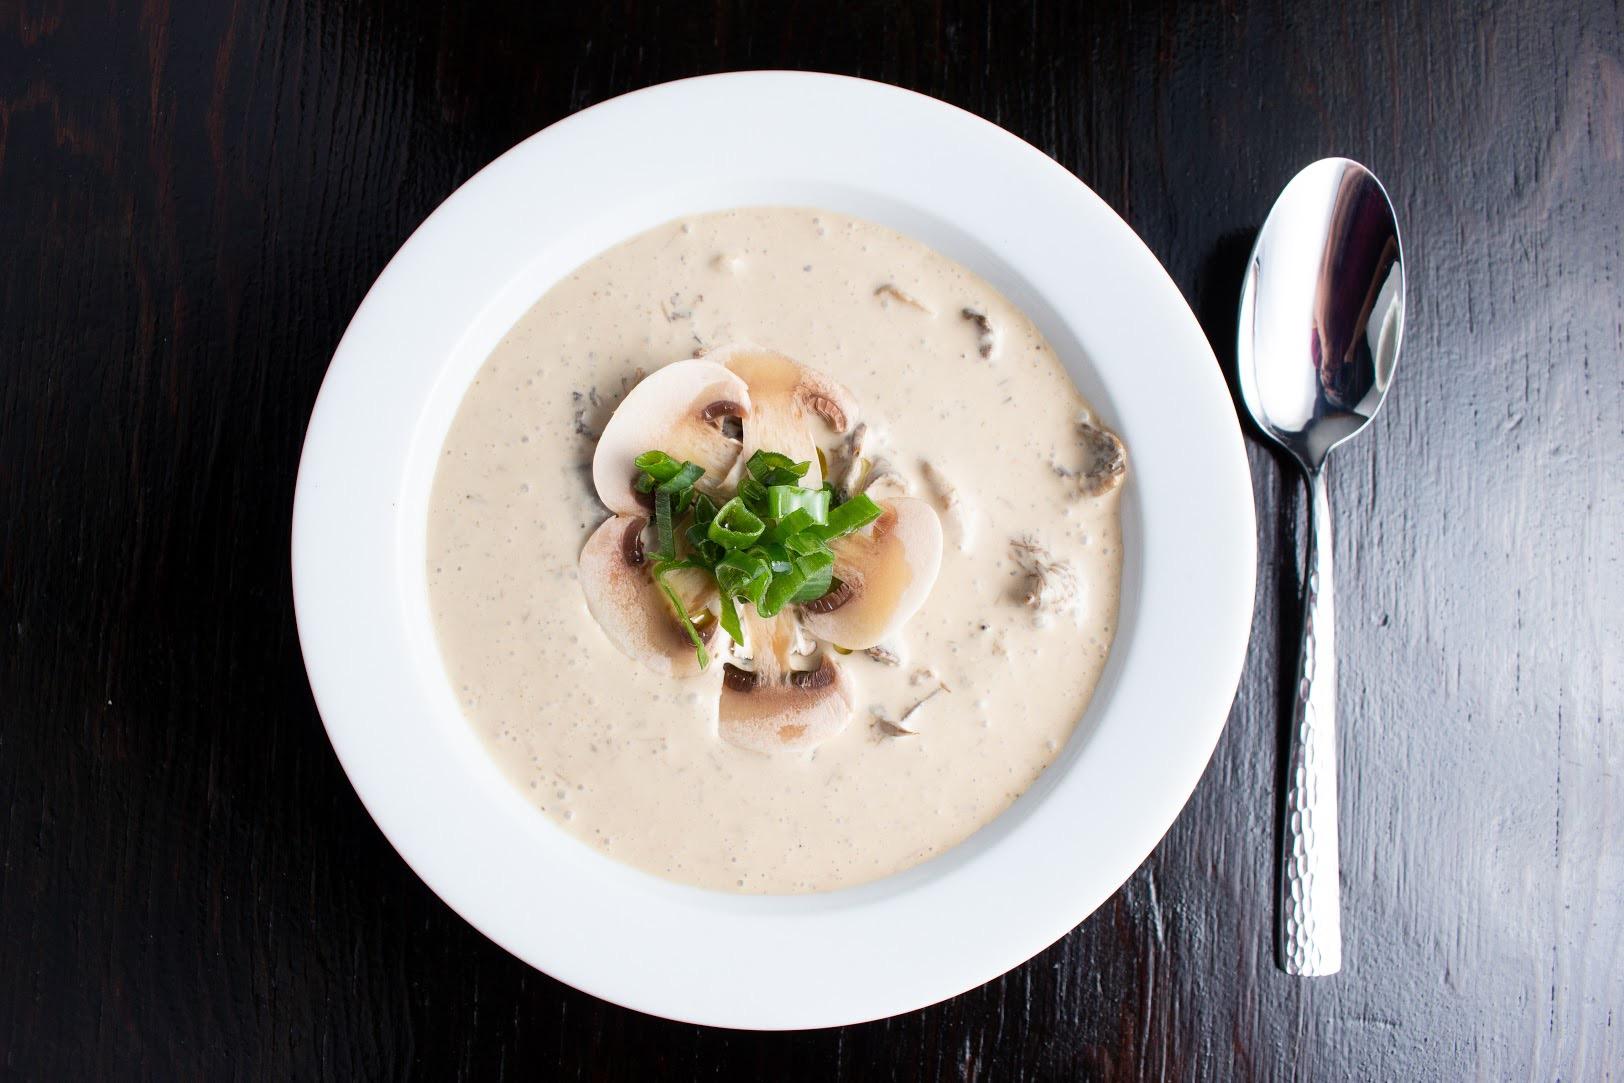 Le Bistro Famous Mushroom Soup